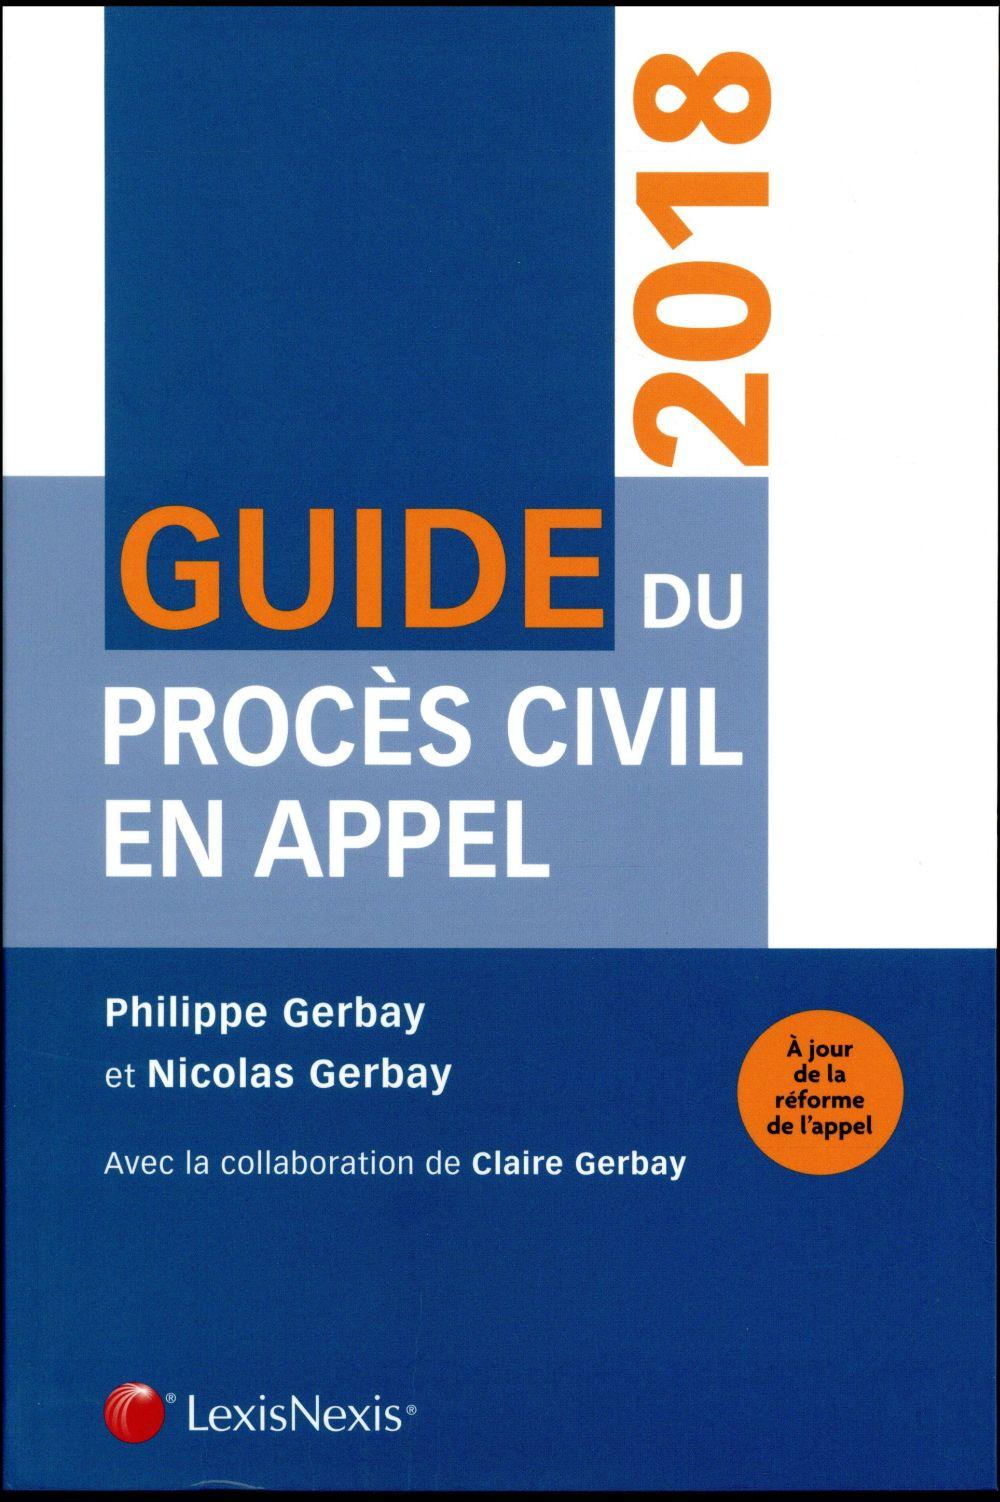 Guide du procès civil en appel (4e édition)